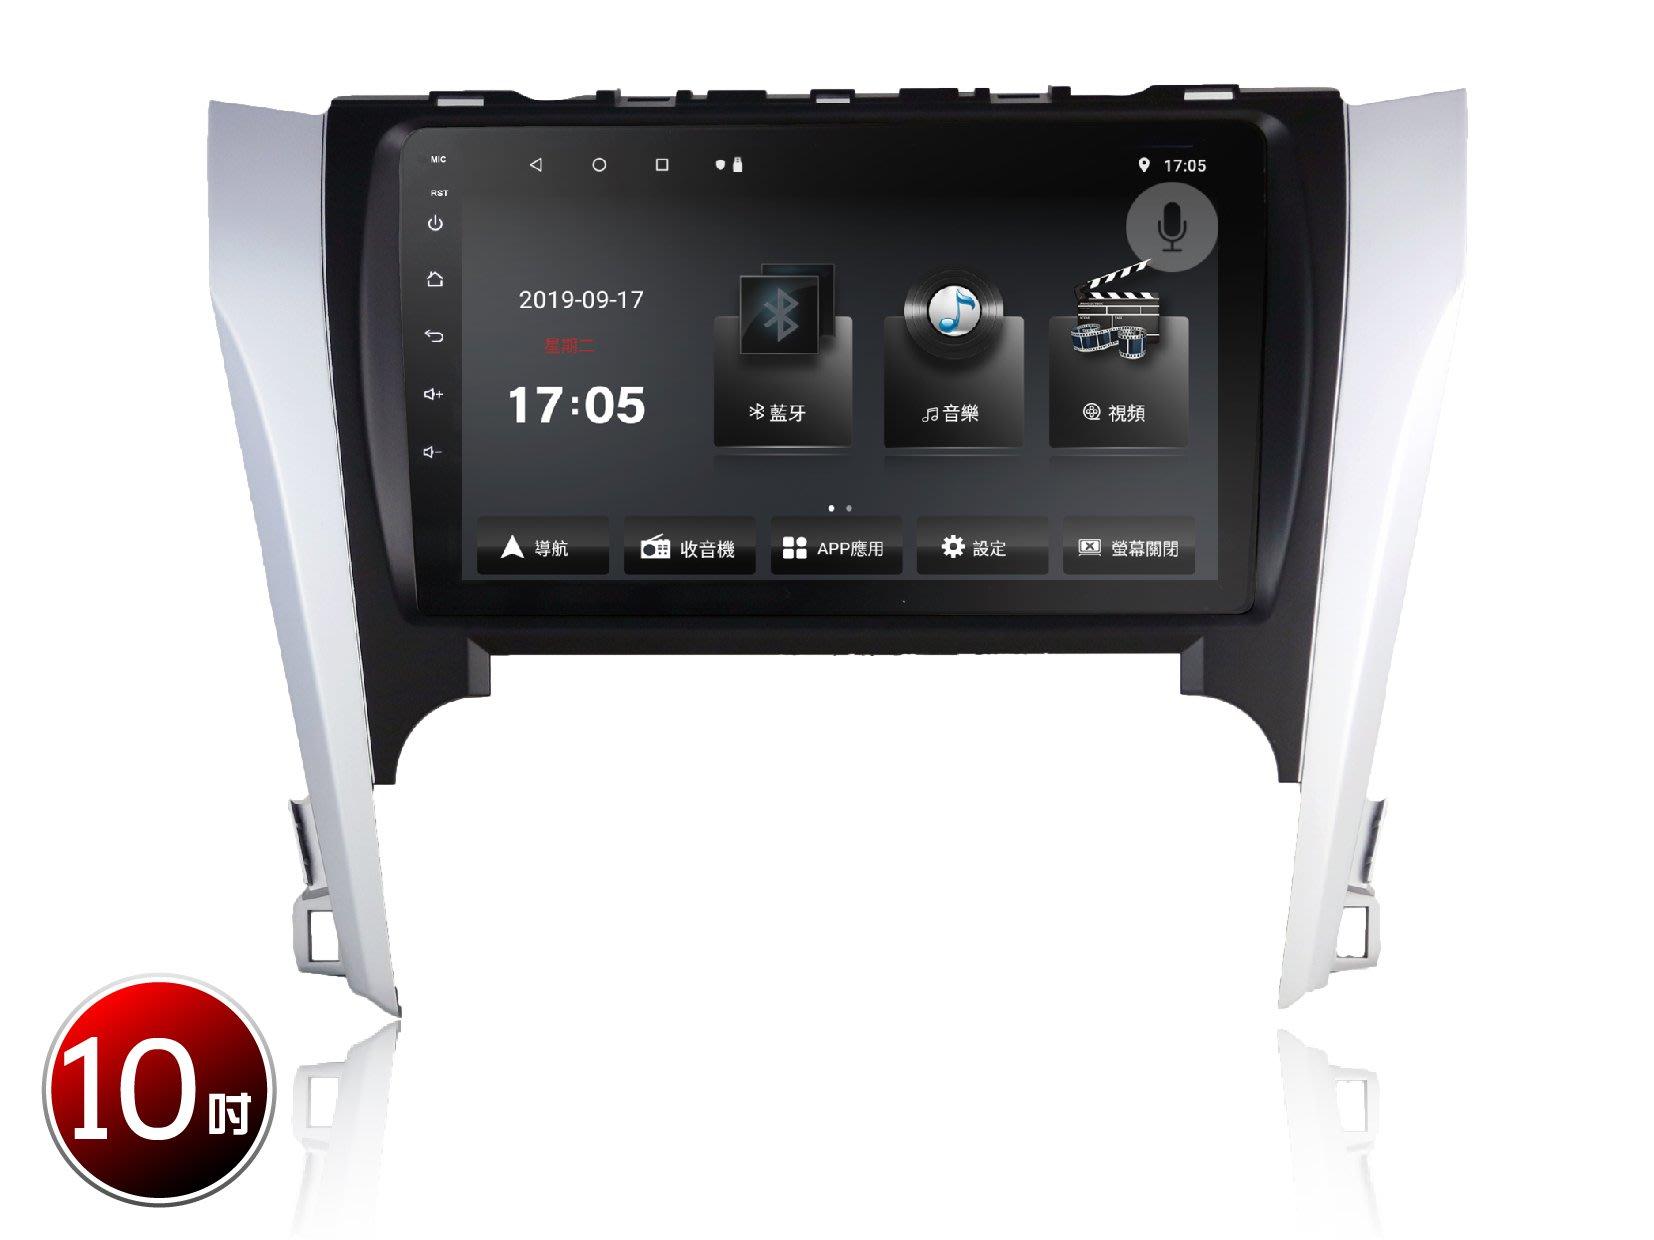 【全昇音響 】12CAMRY V33 專用機 八核心 IPS全觸控電容屏液晶螢幕,觸控全貼合生產工藝,亮度/飽合度再提升